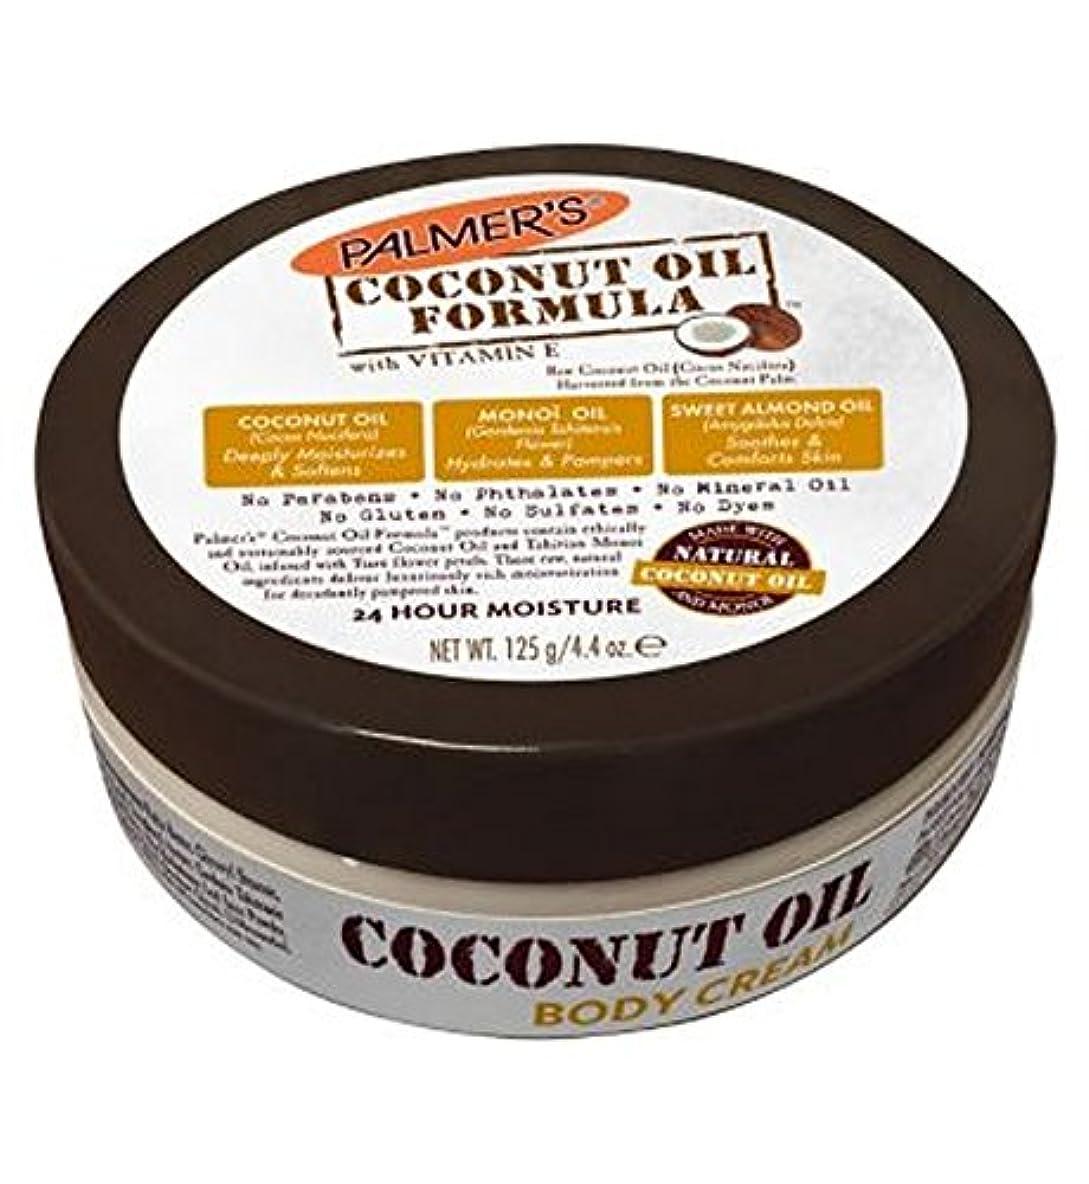 ダッシュ一杯金銭的なPalmer's Coconut Oil Formula Body Cream 125g - パーマーのヤシ油式ボディクリーム125グラム (Palmer's) [並行輸入品]